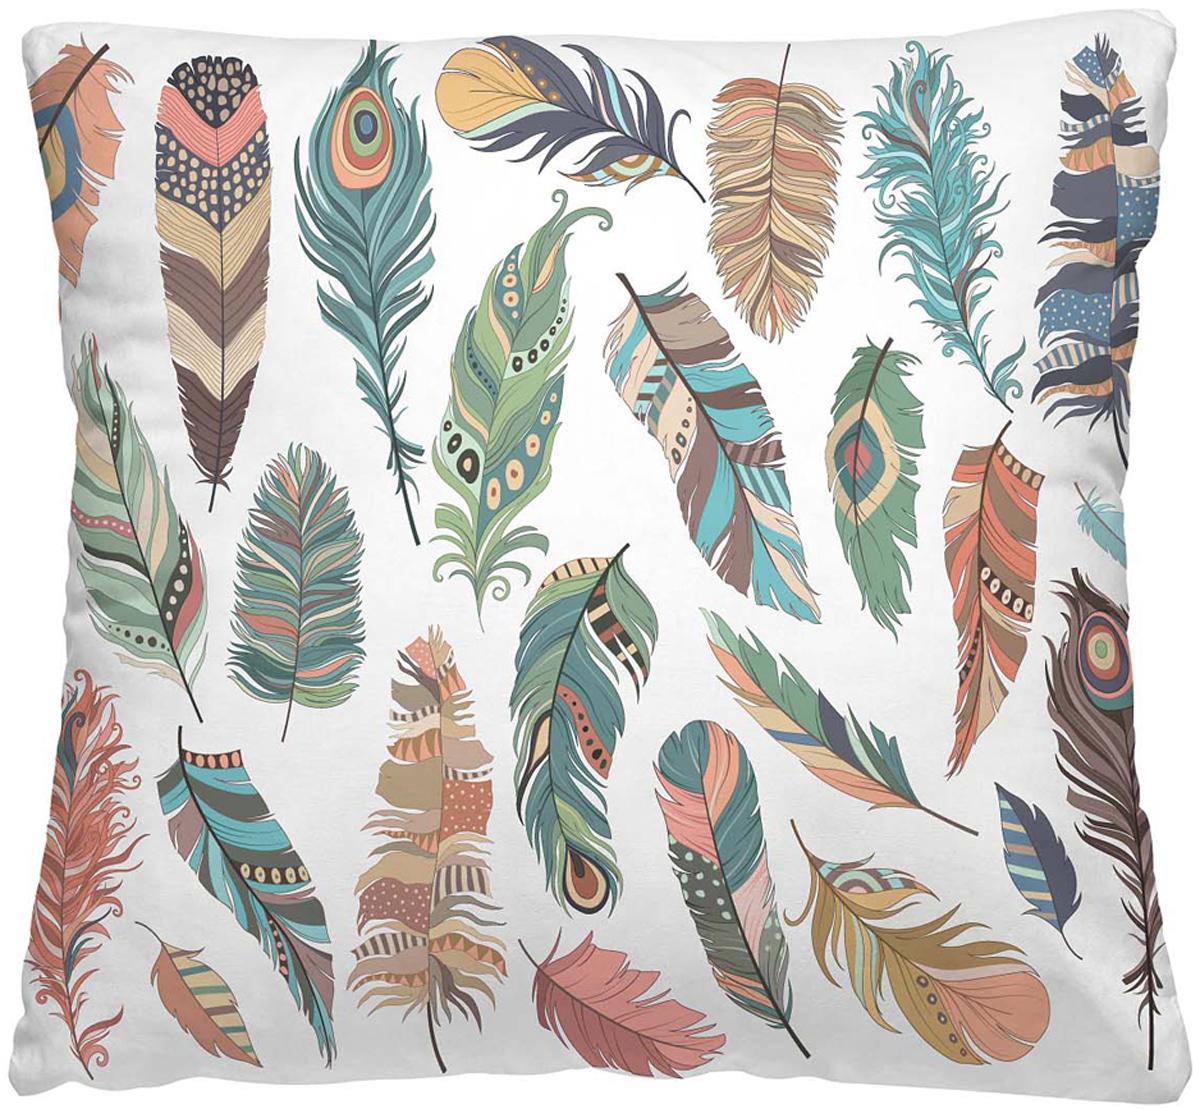 Подушка декоративная Волшебная ночь Перышки, 40 х 40 см подушка декоративная волшебная ночь колибри 40х40 см